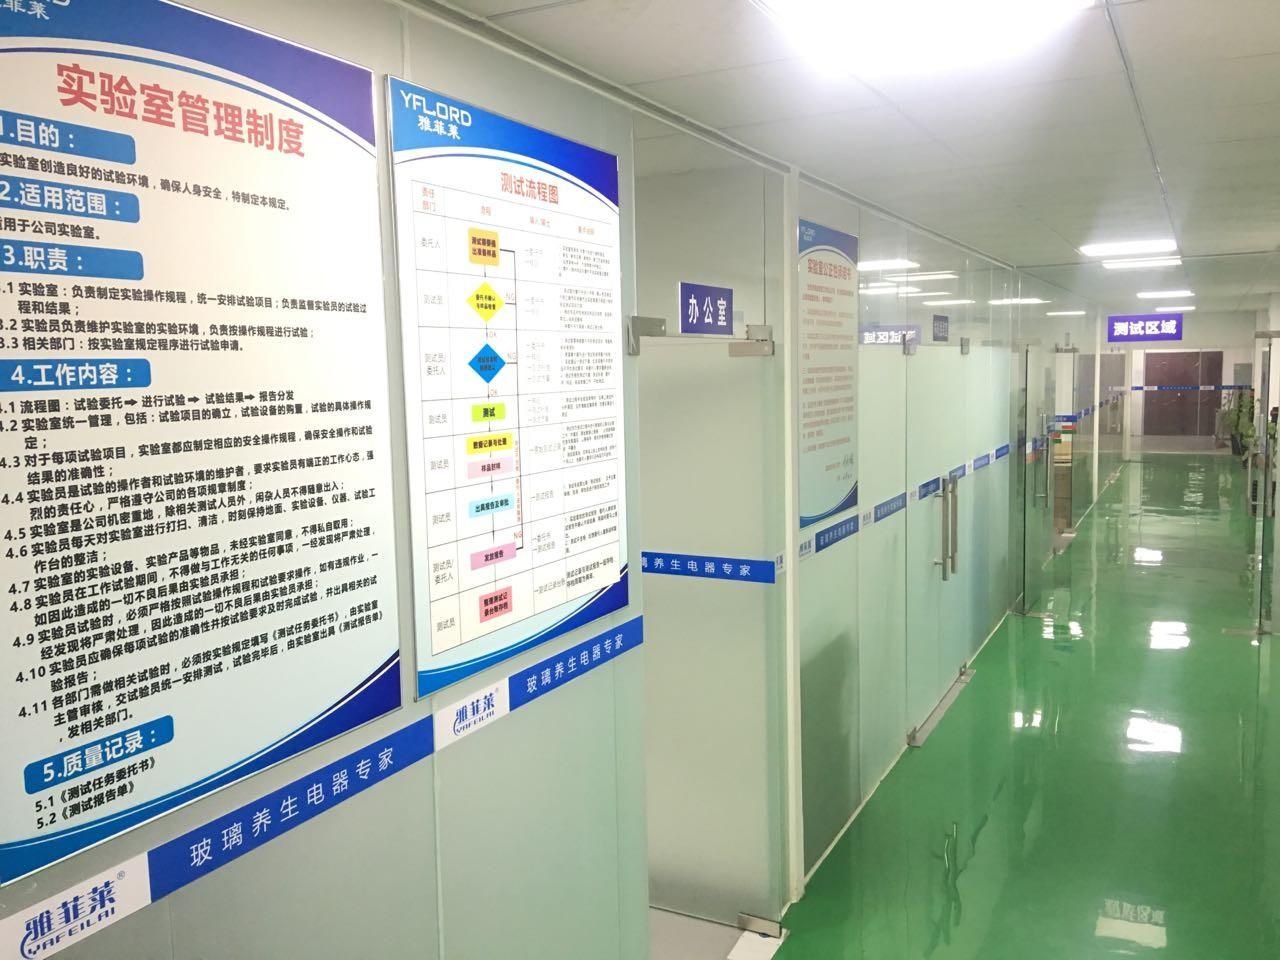 中山市雅菲萊電器有限公司_才通國際人才網_www.kwujz.com